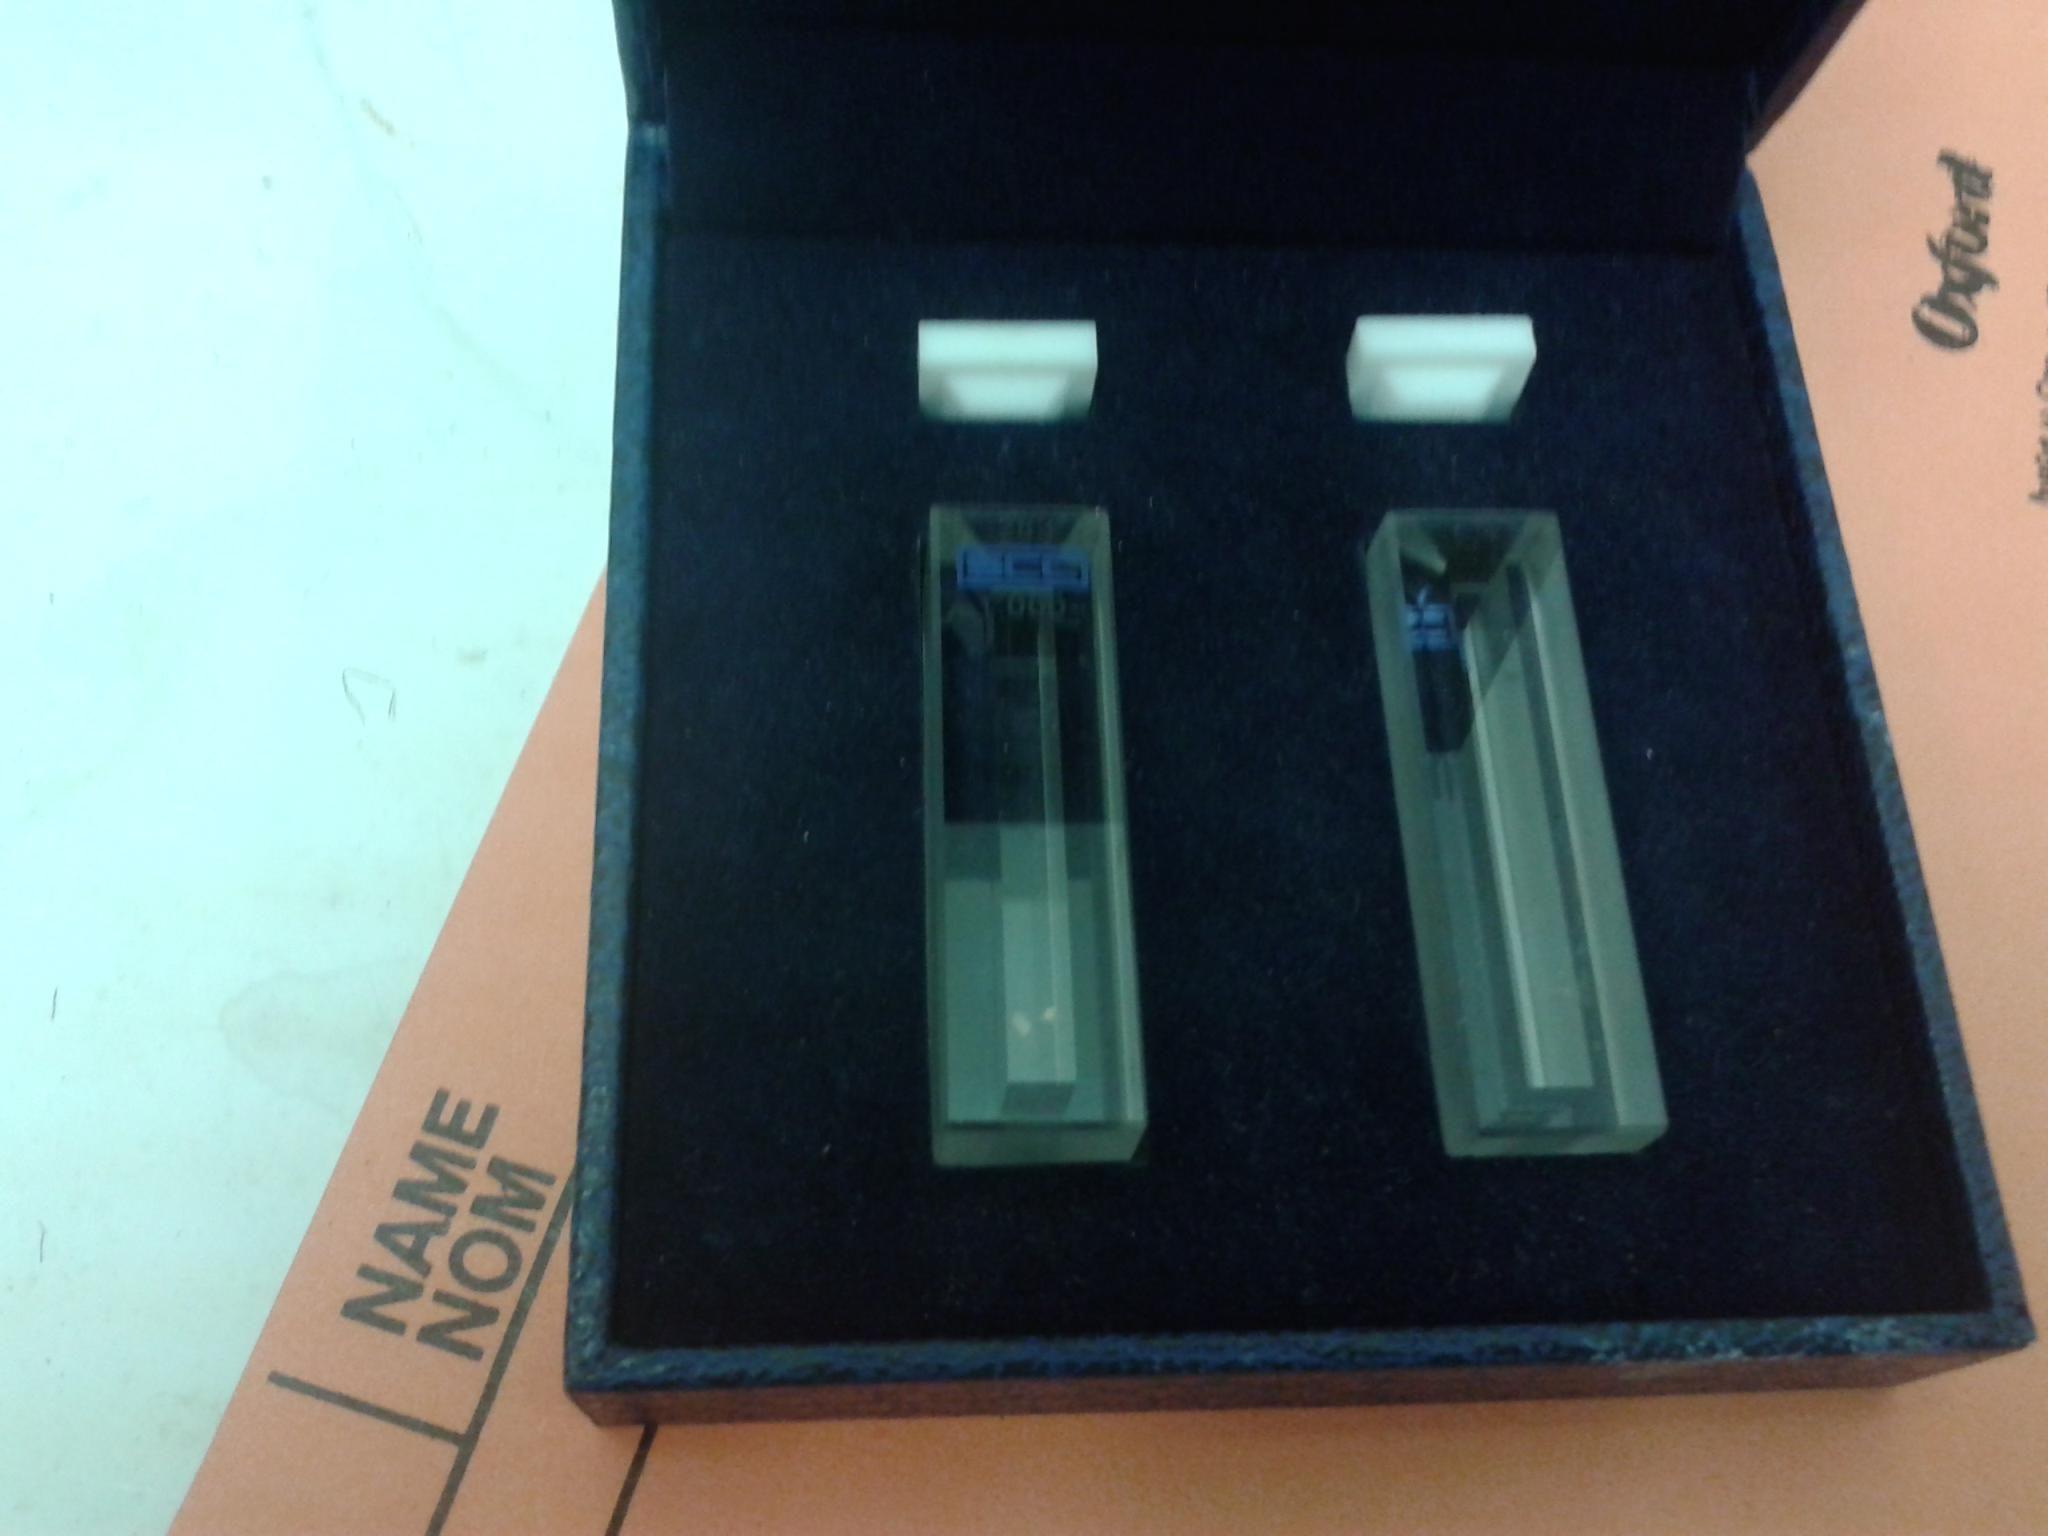 Set of 2 Helma UV/vis. Cuvette for spectrophotometer